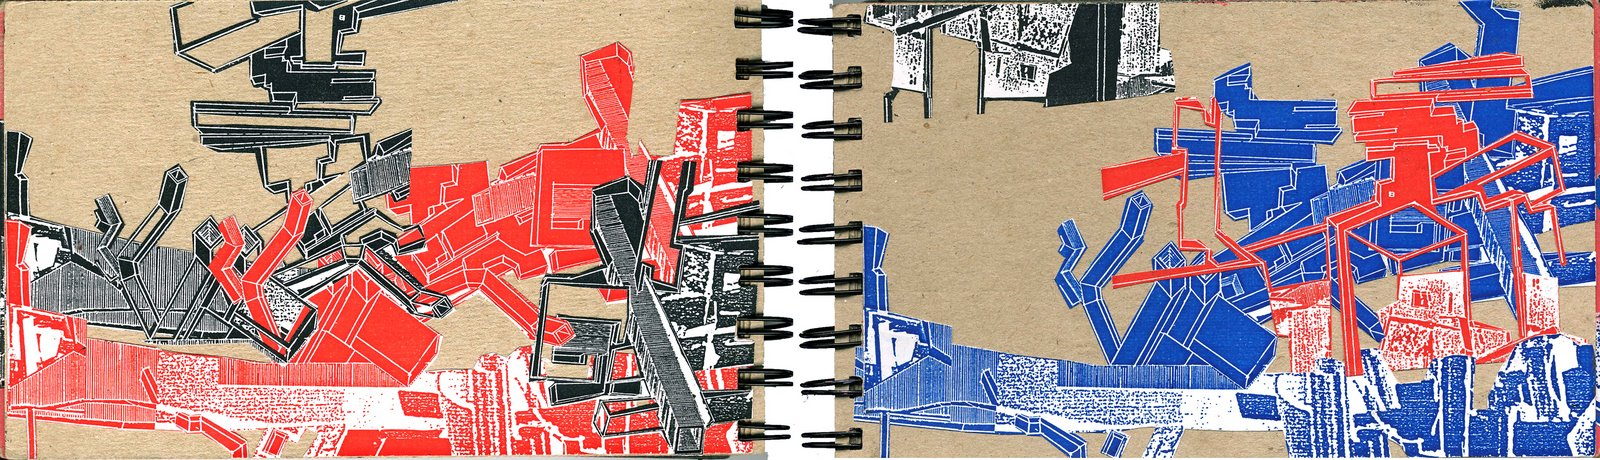 university_days_sketch6.jpg